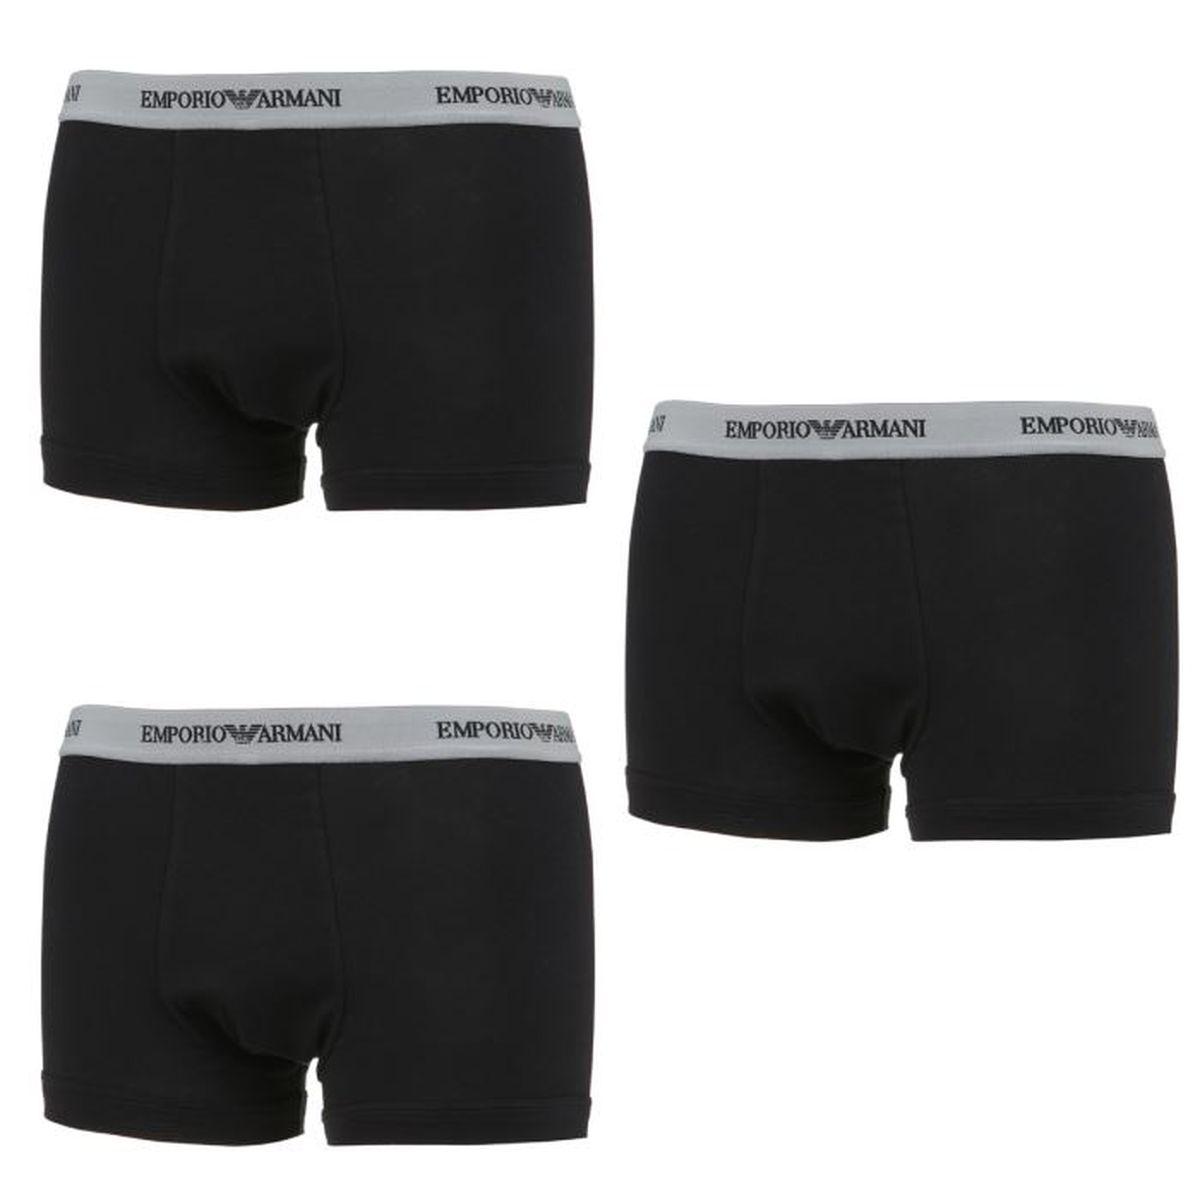 EMPORIO ARMANI 3 Packs Boxers Trunk Homme Noir - Achat   Vente boxer ... 89fc9e4989a3